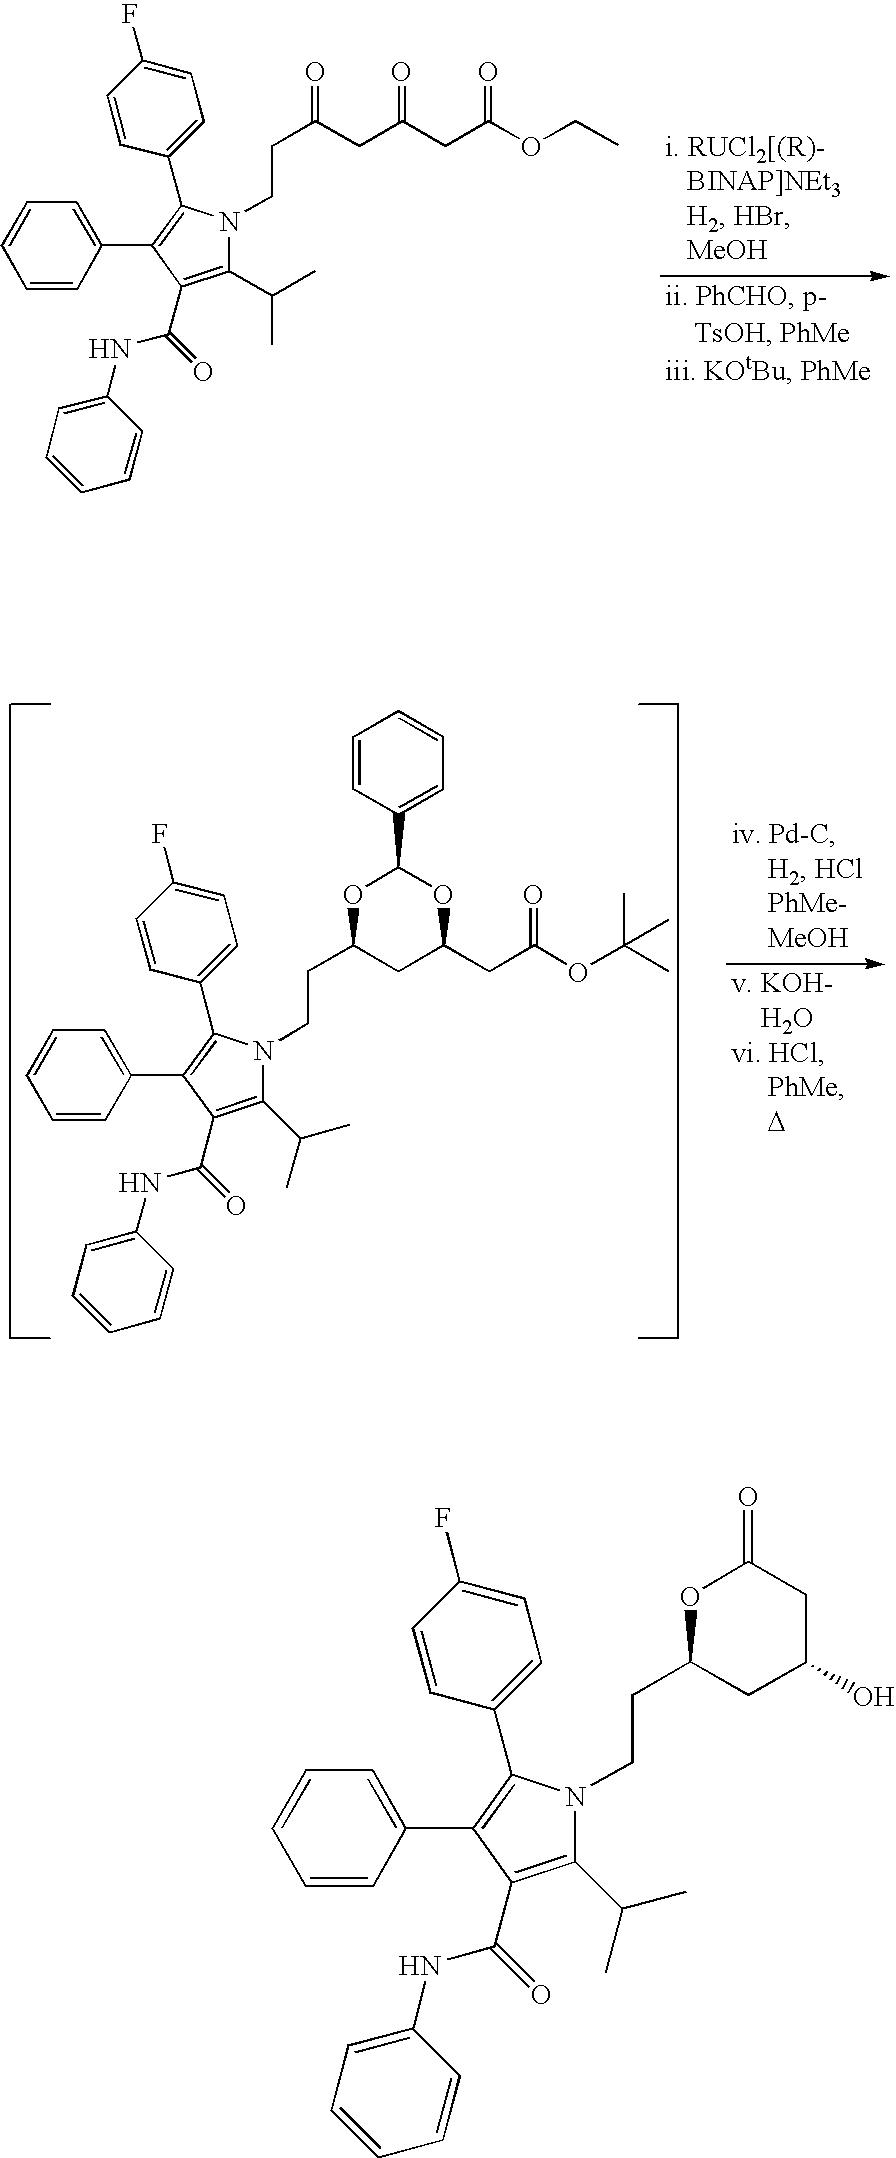 Figure US20070032662A1-20070208-C00068